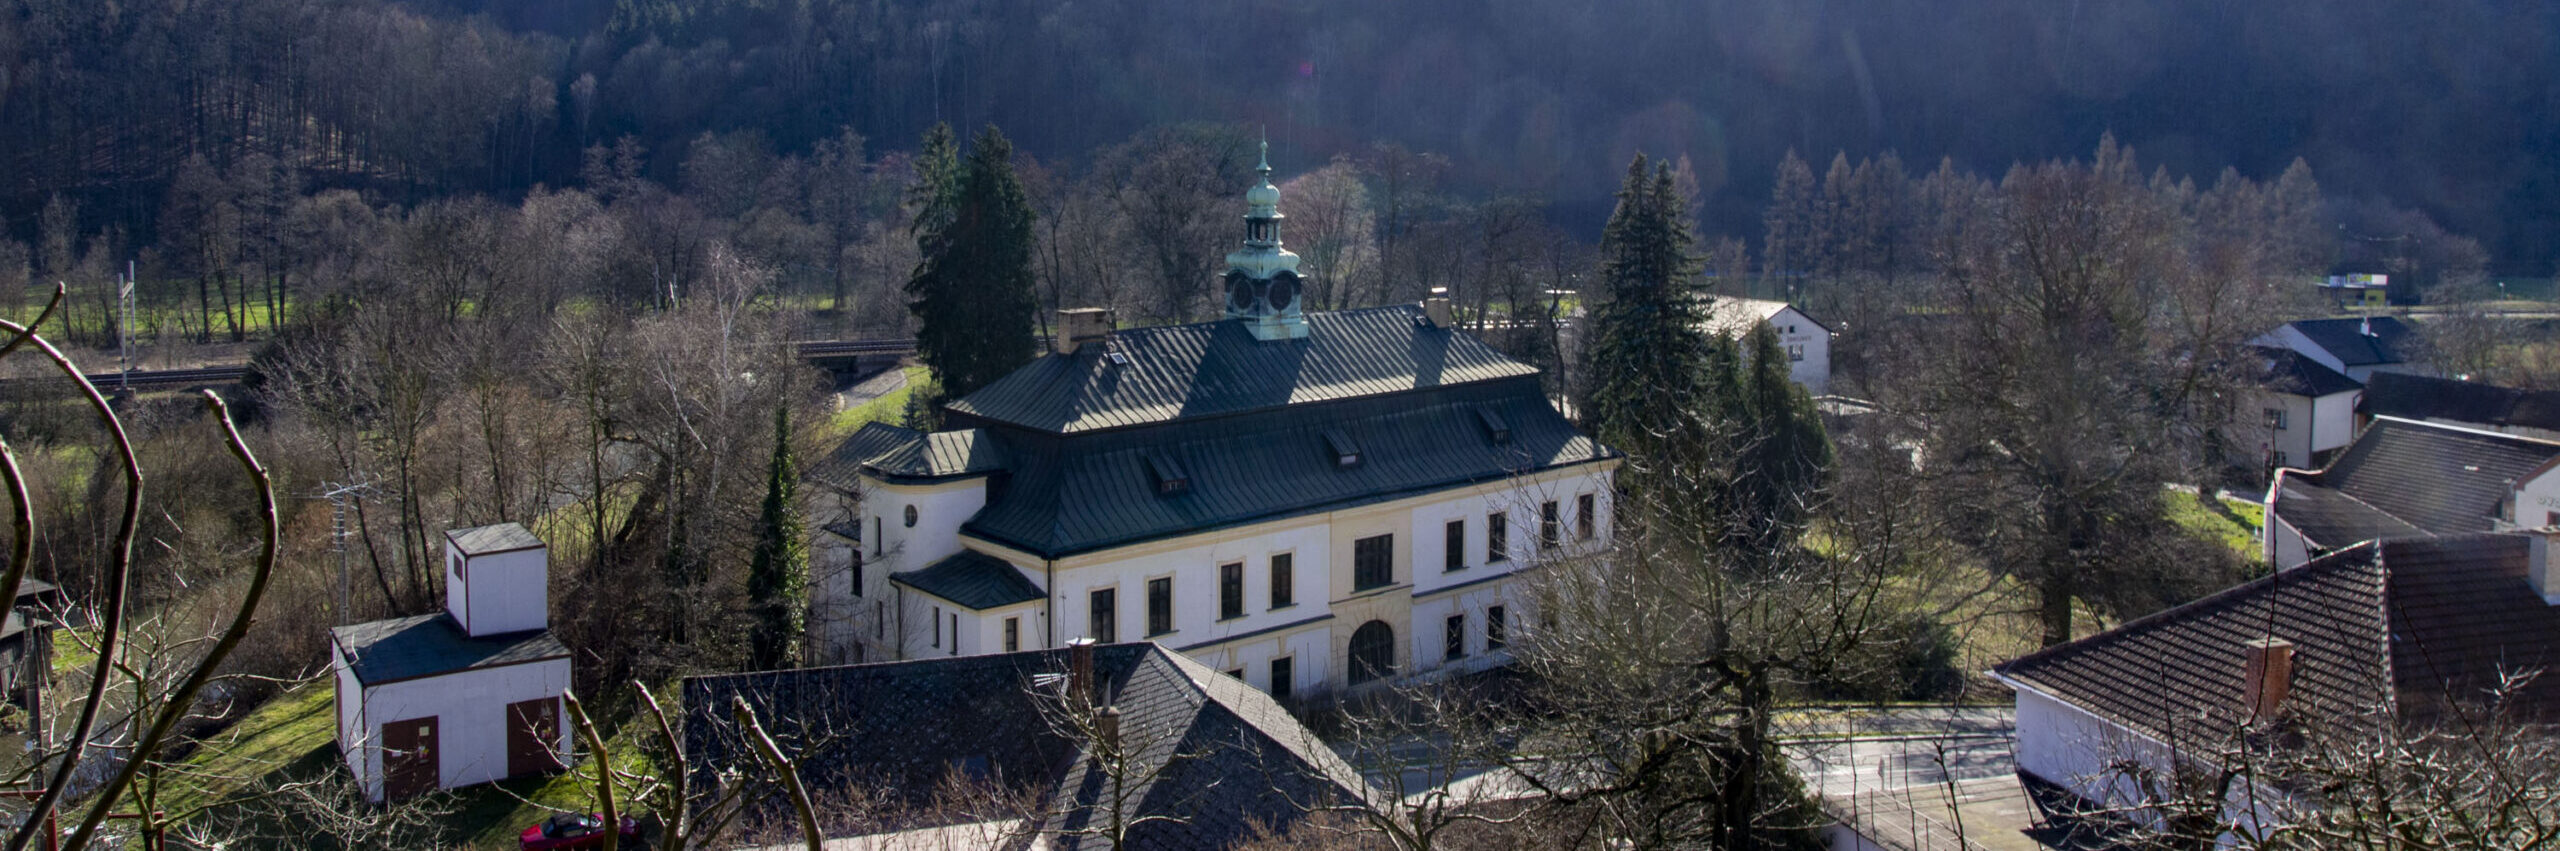 Zámeček Brandýs nad Orlicí